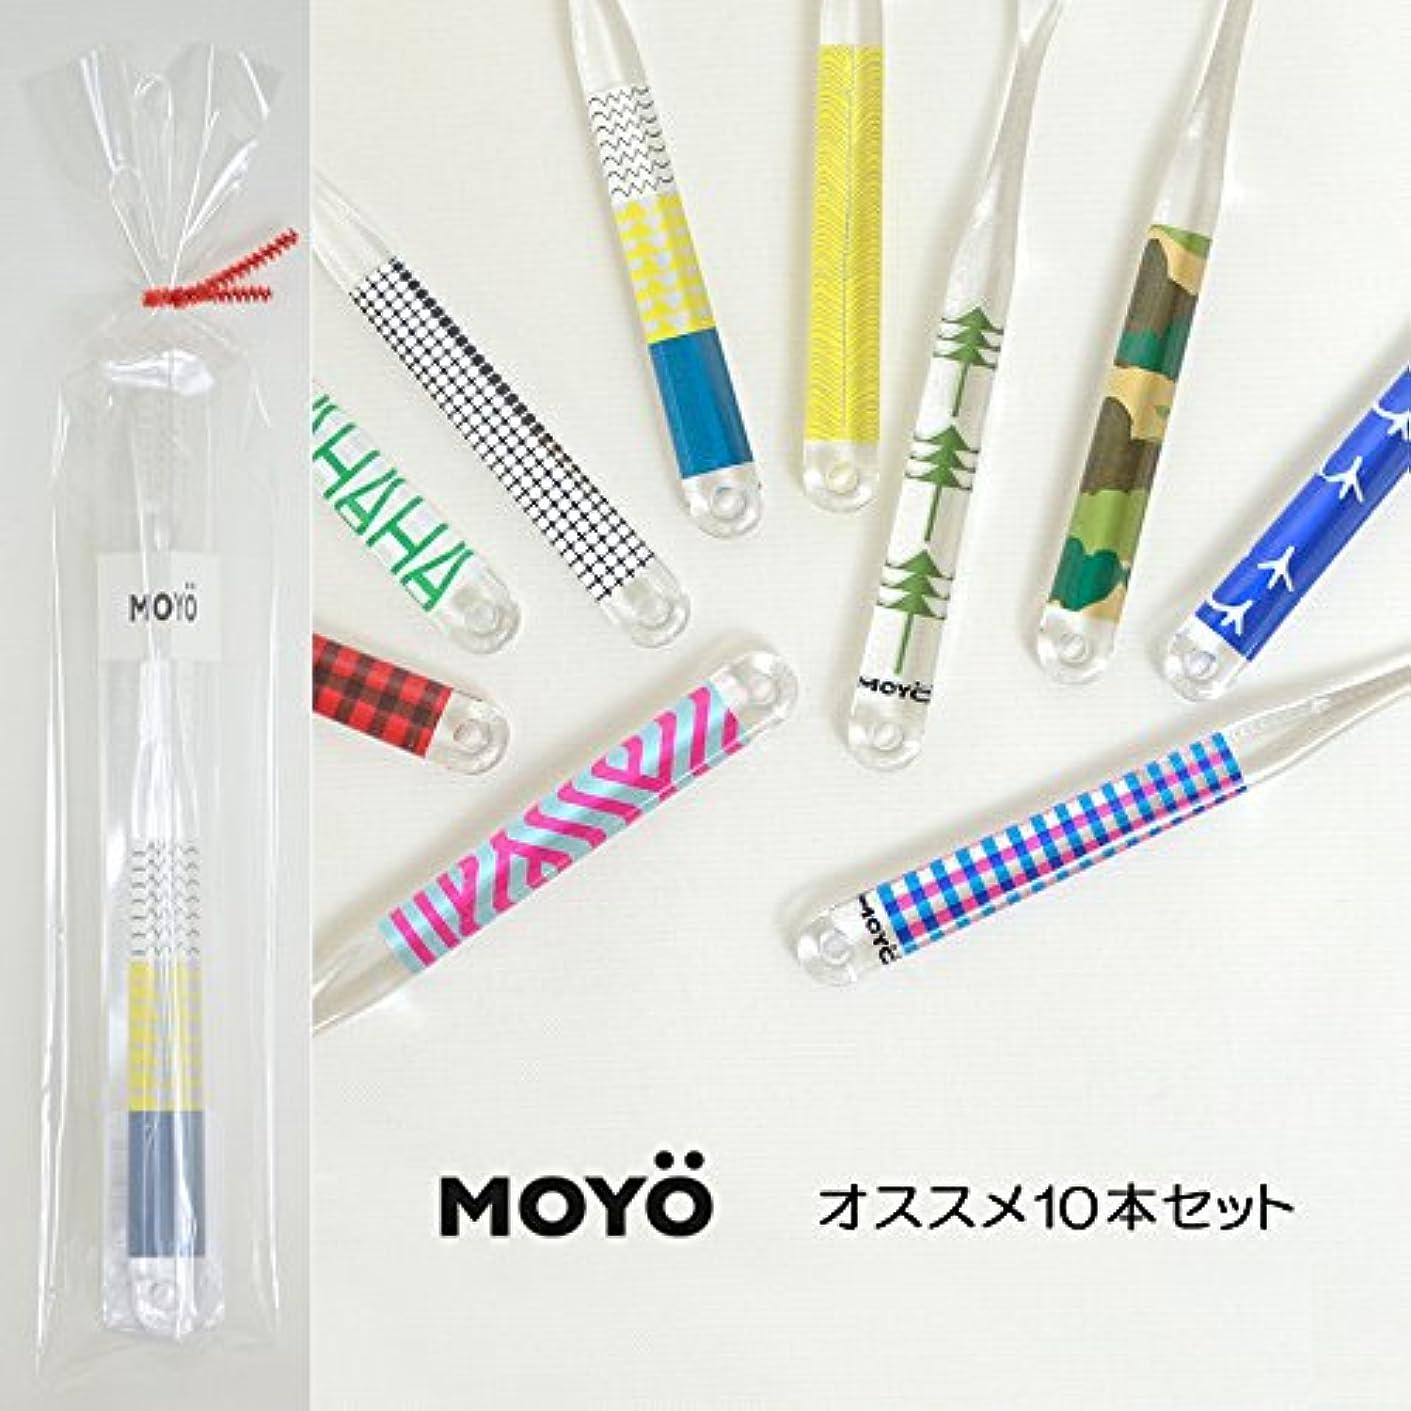 MOYO モヨウ おすすめ10本 プチ ギフト セット_562302-pop2 【F】,オススメ10本セット